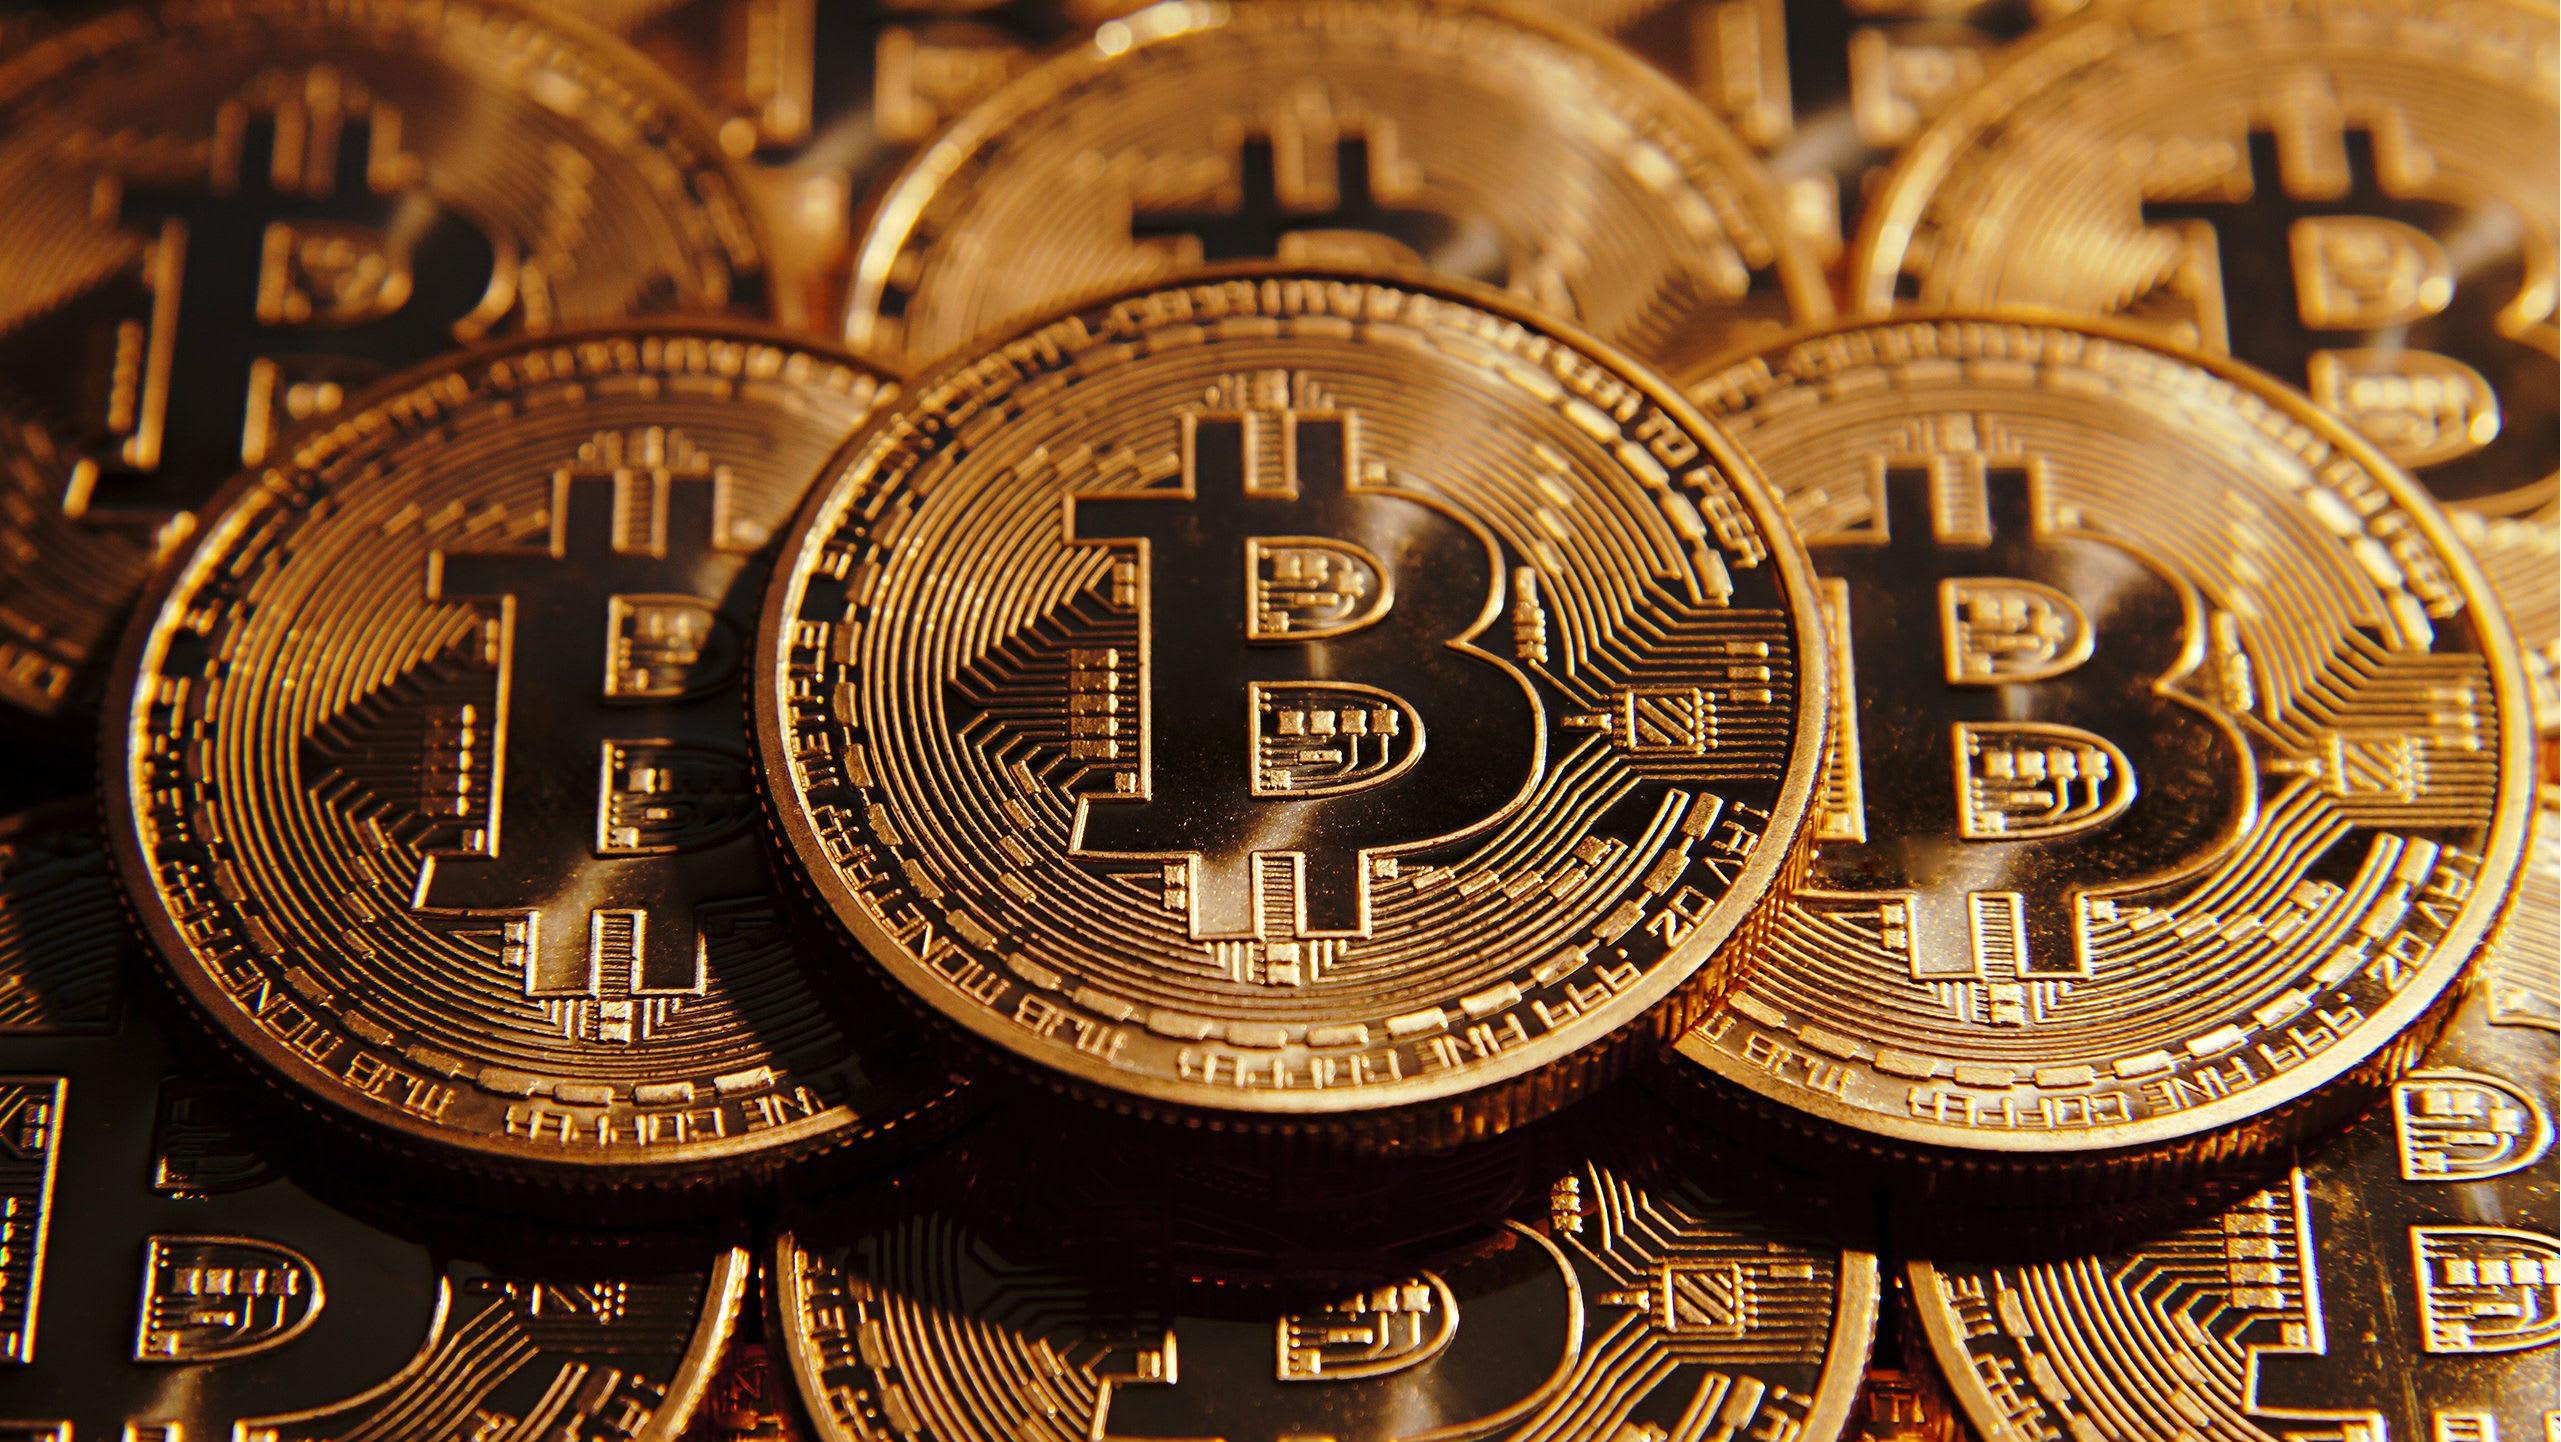 Блокчейн и криптовалюты. Учебные пособия и аналитические статьи про блокчейн и криптовалюты.